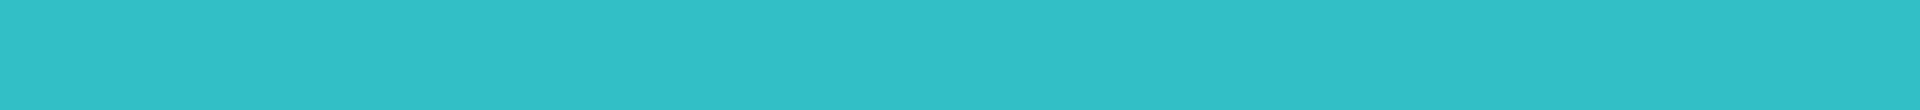 Blue stripe.jpg